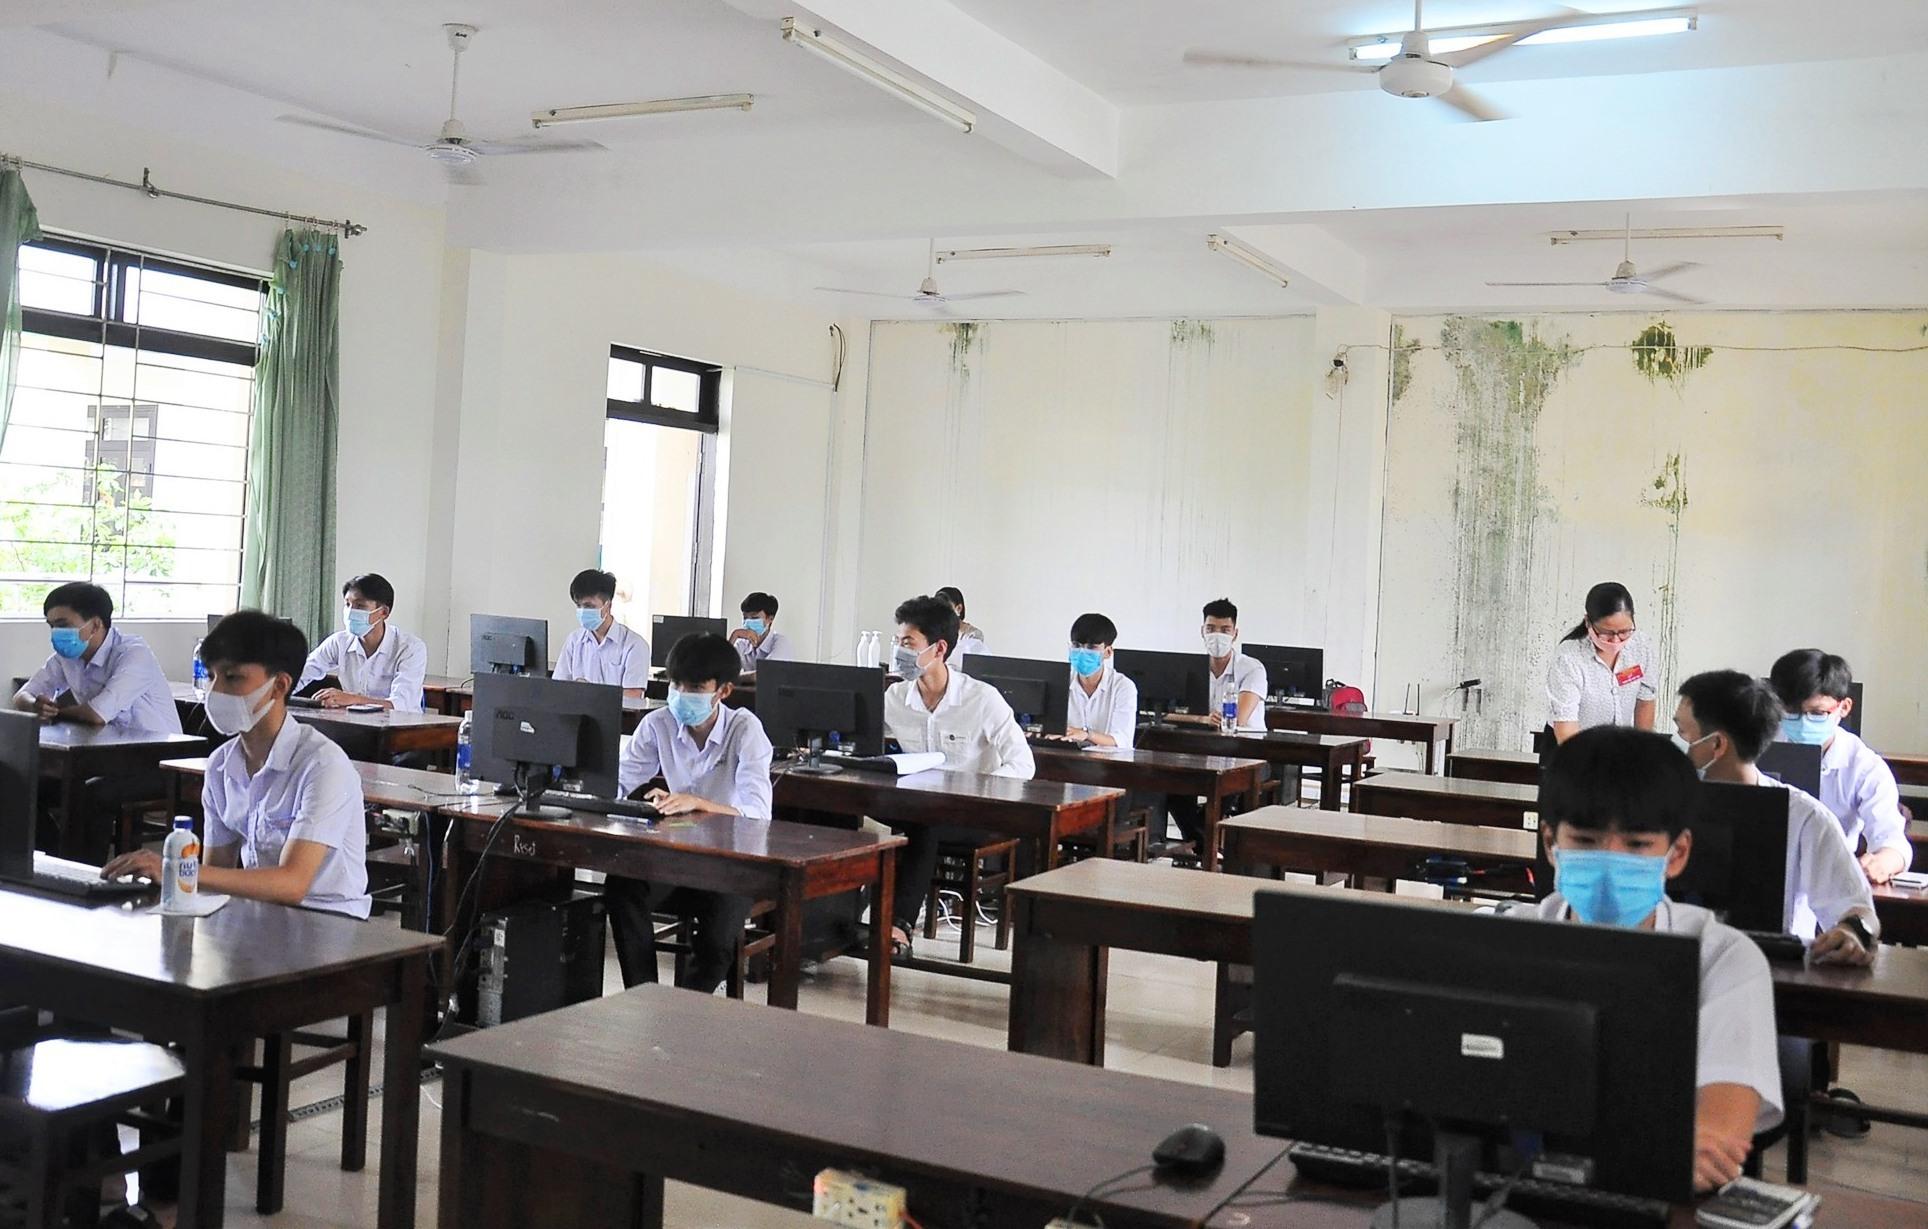 Các thí sinh cấp THPT tham gia hội thi tại Trường Chuyên Nguyễn Bỉnh Khiêm (TP.Tam Kỳ). Ảnh: V.A